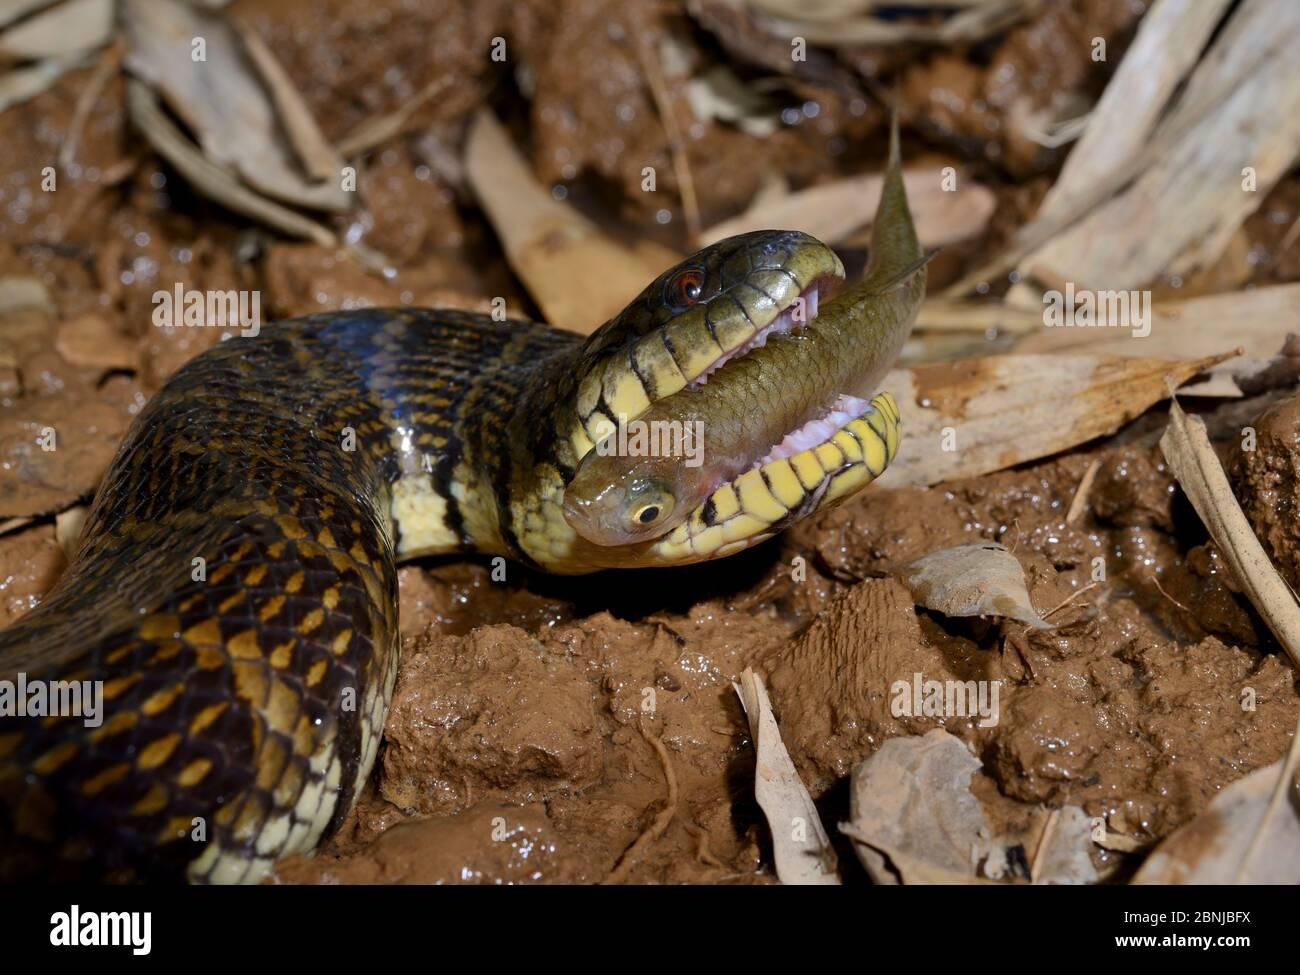 Bocourt's Schlammschlange (Subsessor bocourti) Fütterung von Fischen, gefangen, kommt in Südostasien. Stockfoto